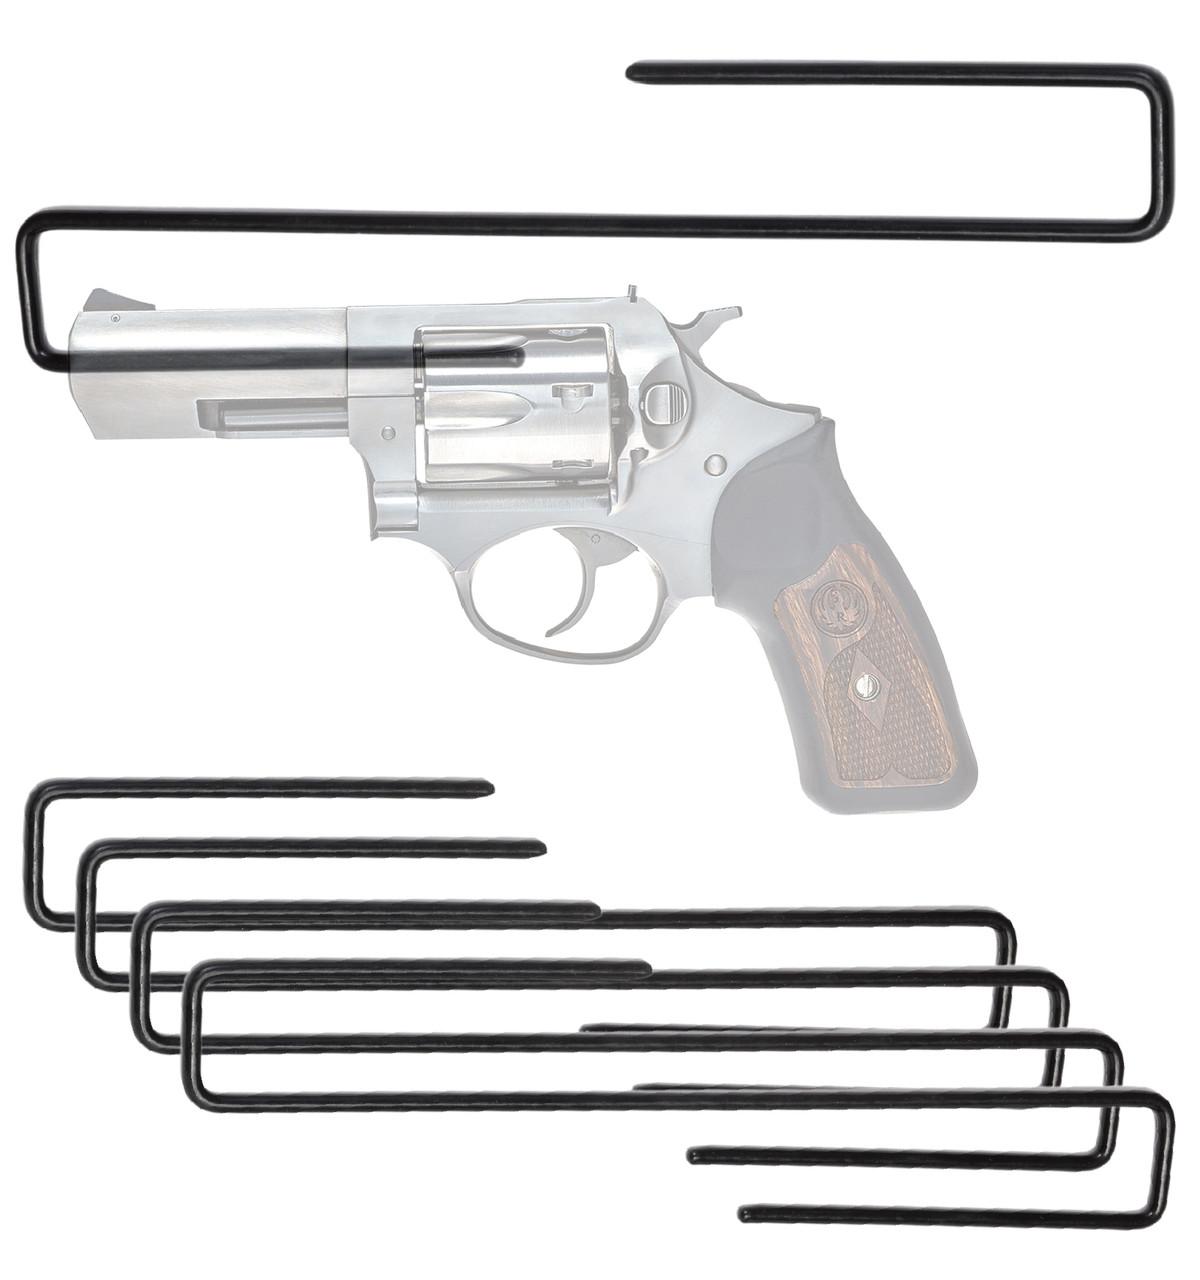 https://d3d71ba2asa5oz.cloudfront.net/23000296/images/handgun-hanger-shelf-without-clip.jpg